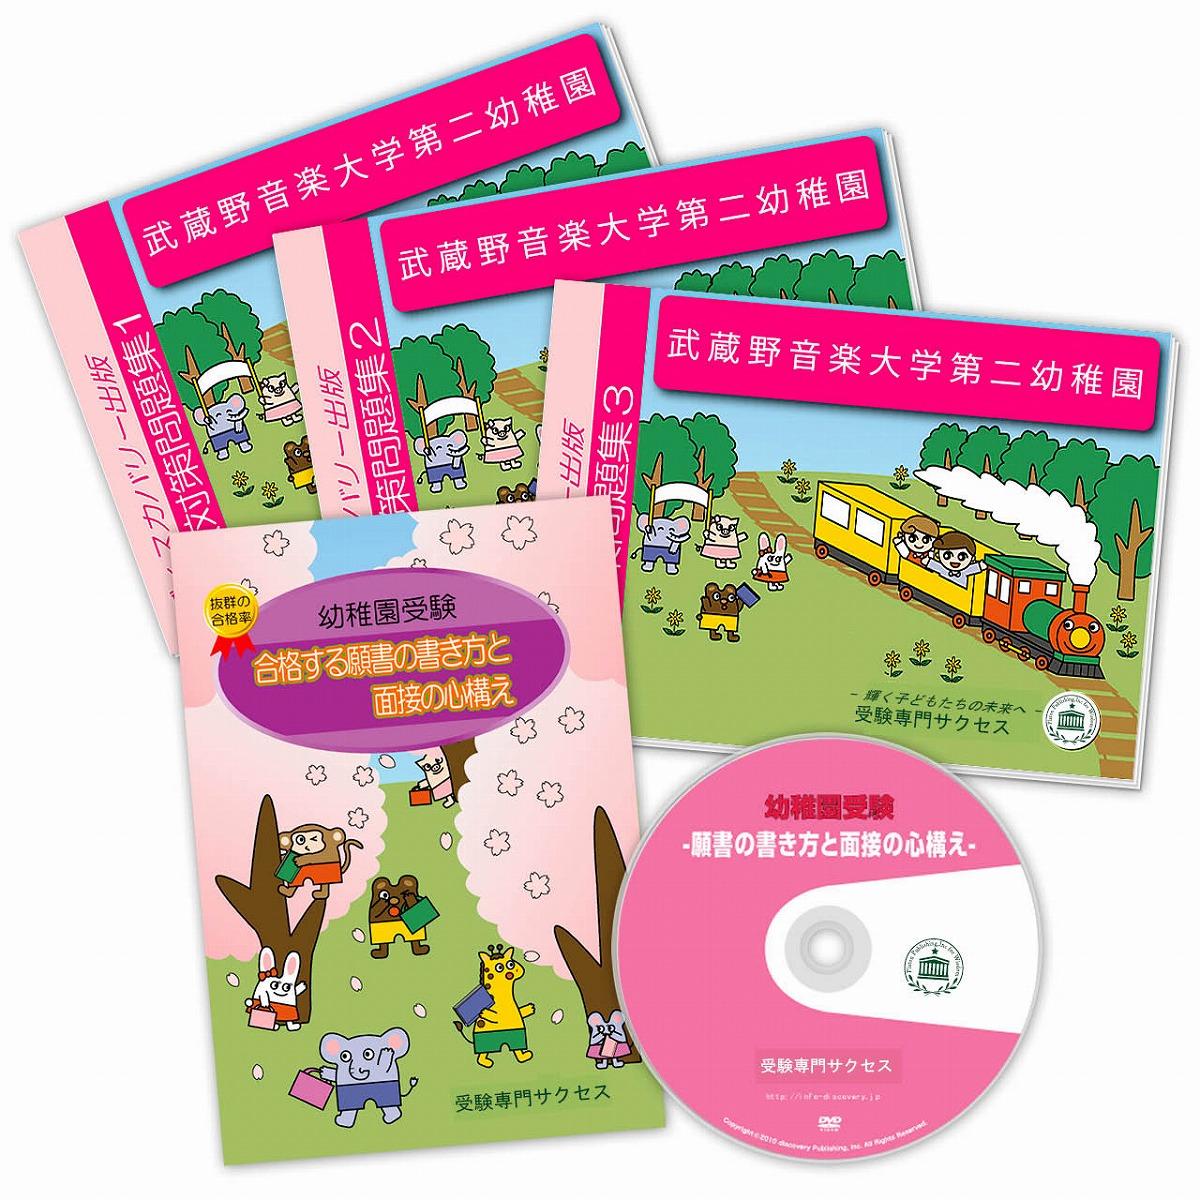 【送料・代引手数料無料】武蔵野音楽大学第二幼稚園・合格セット